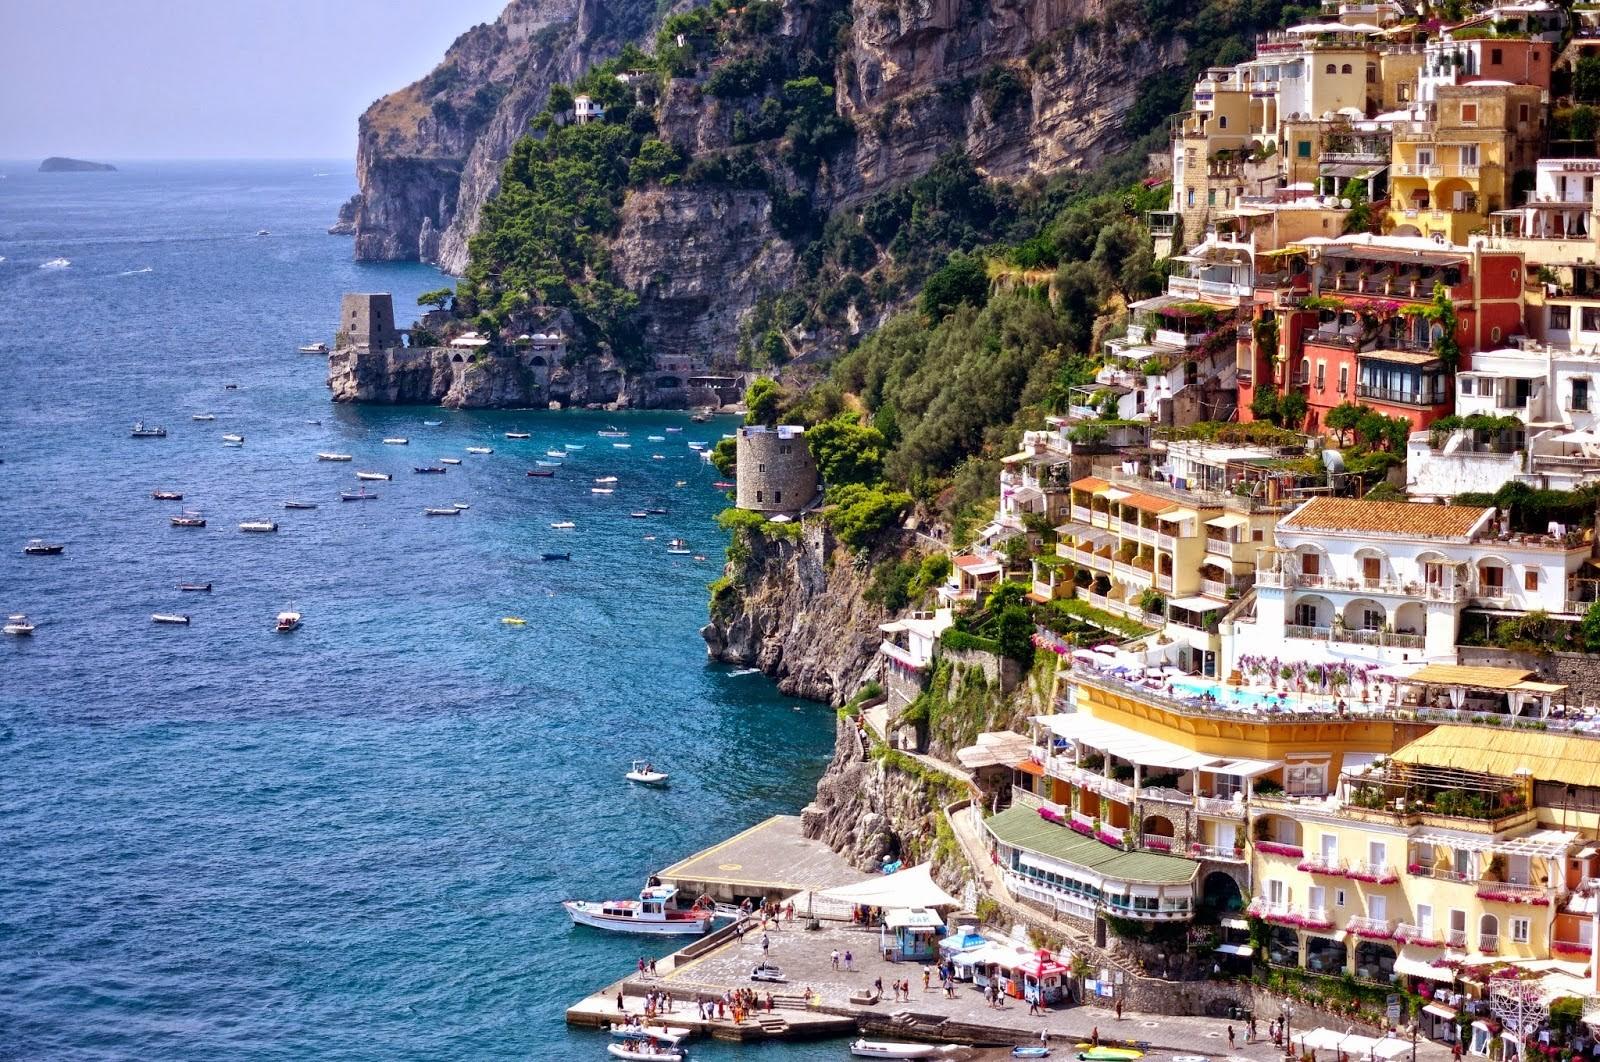 Италия (Средиземноморье)